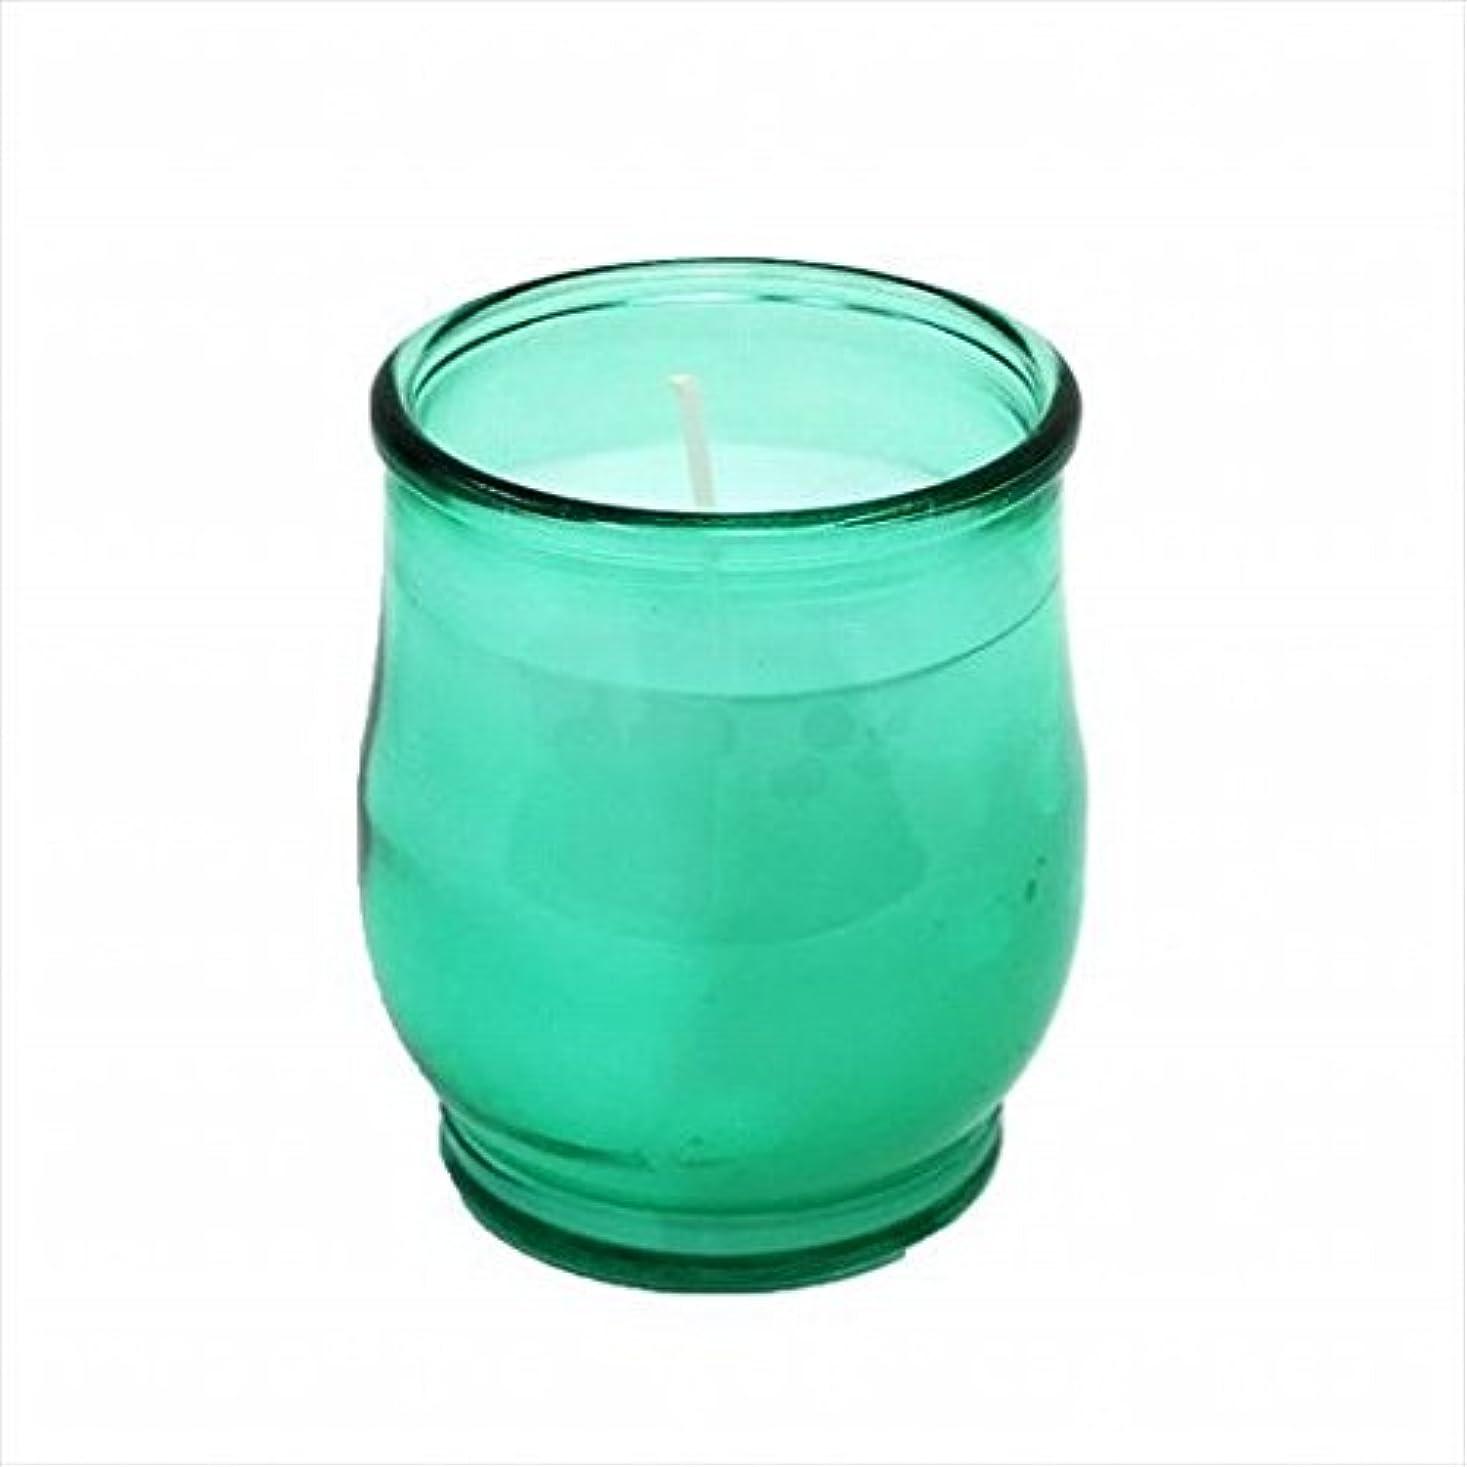 フェードアウト最後に聴覚kameyama candle(カメヤマキャンドル) ポシェ(非常用コップローソク) 「 グリーン(ライトカラー) 」 キャンドル 68x68x80mm (73020030G)